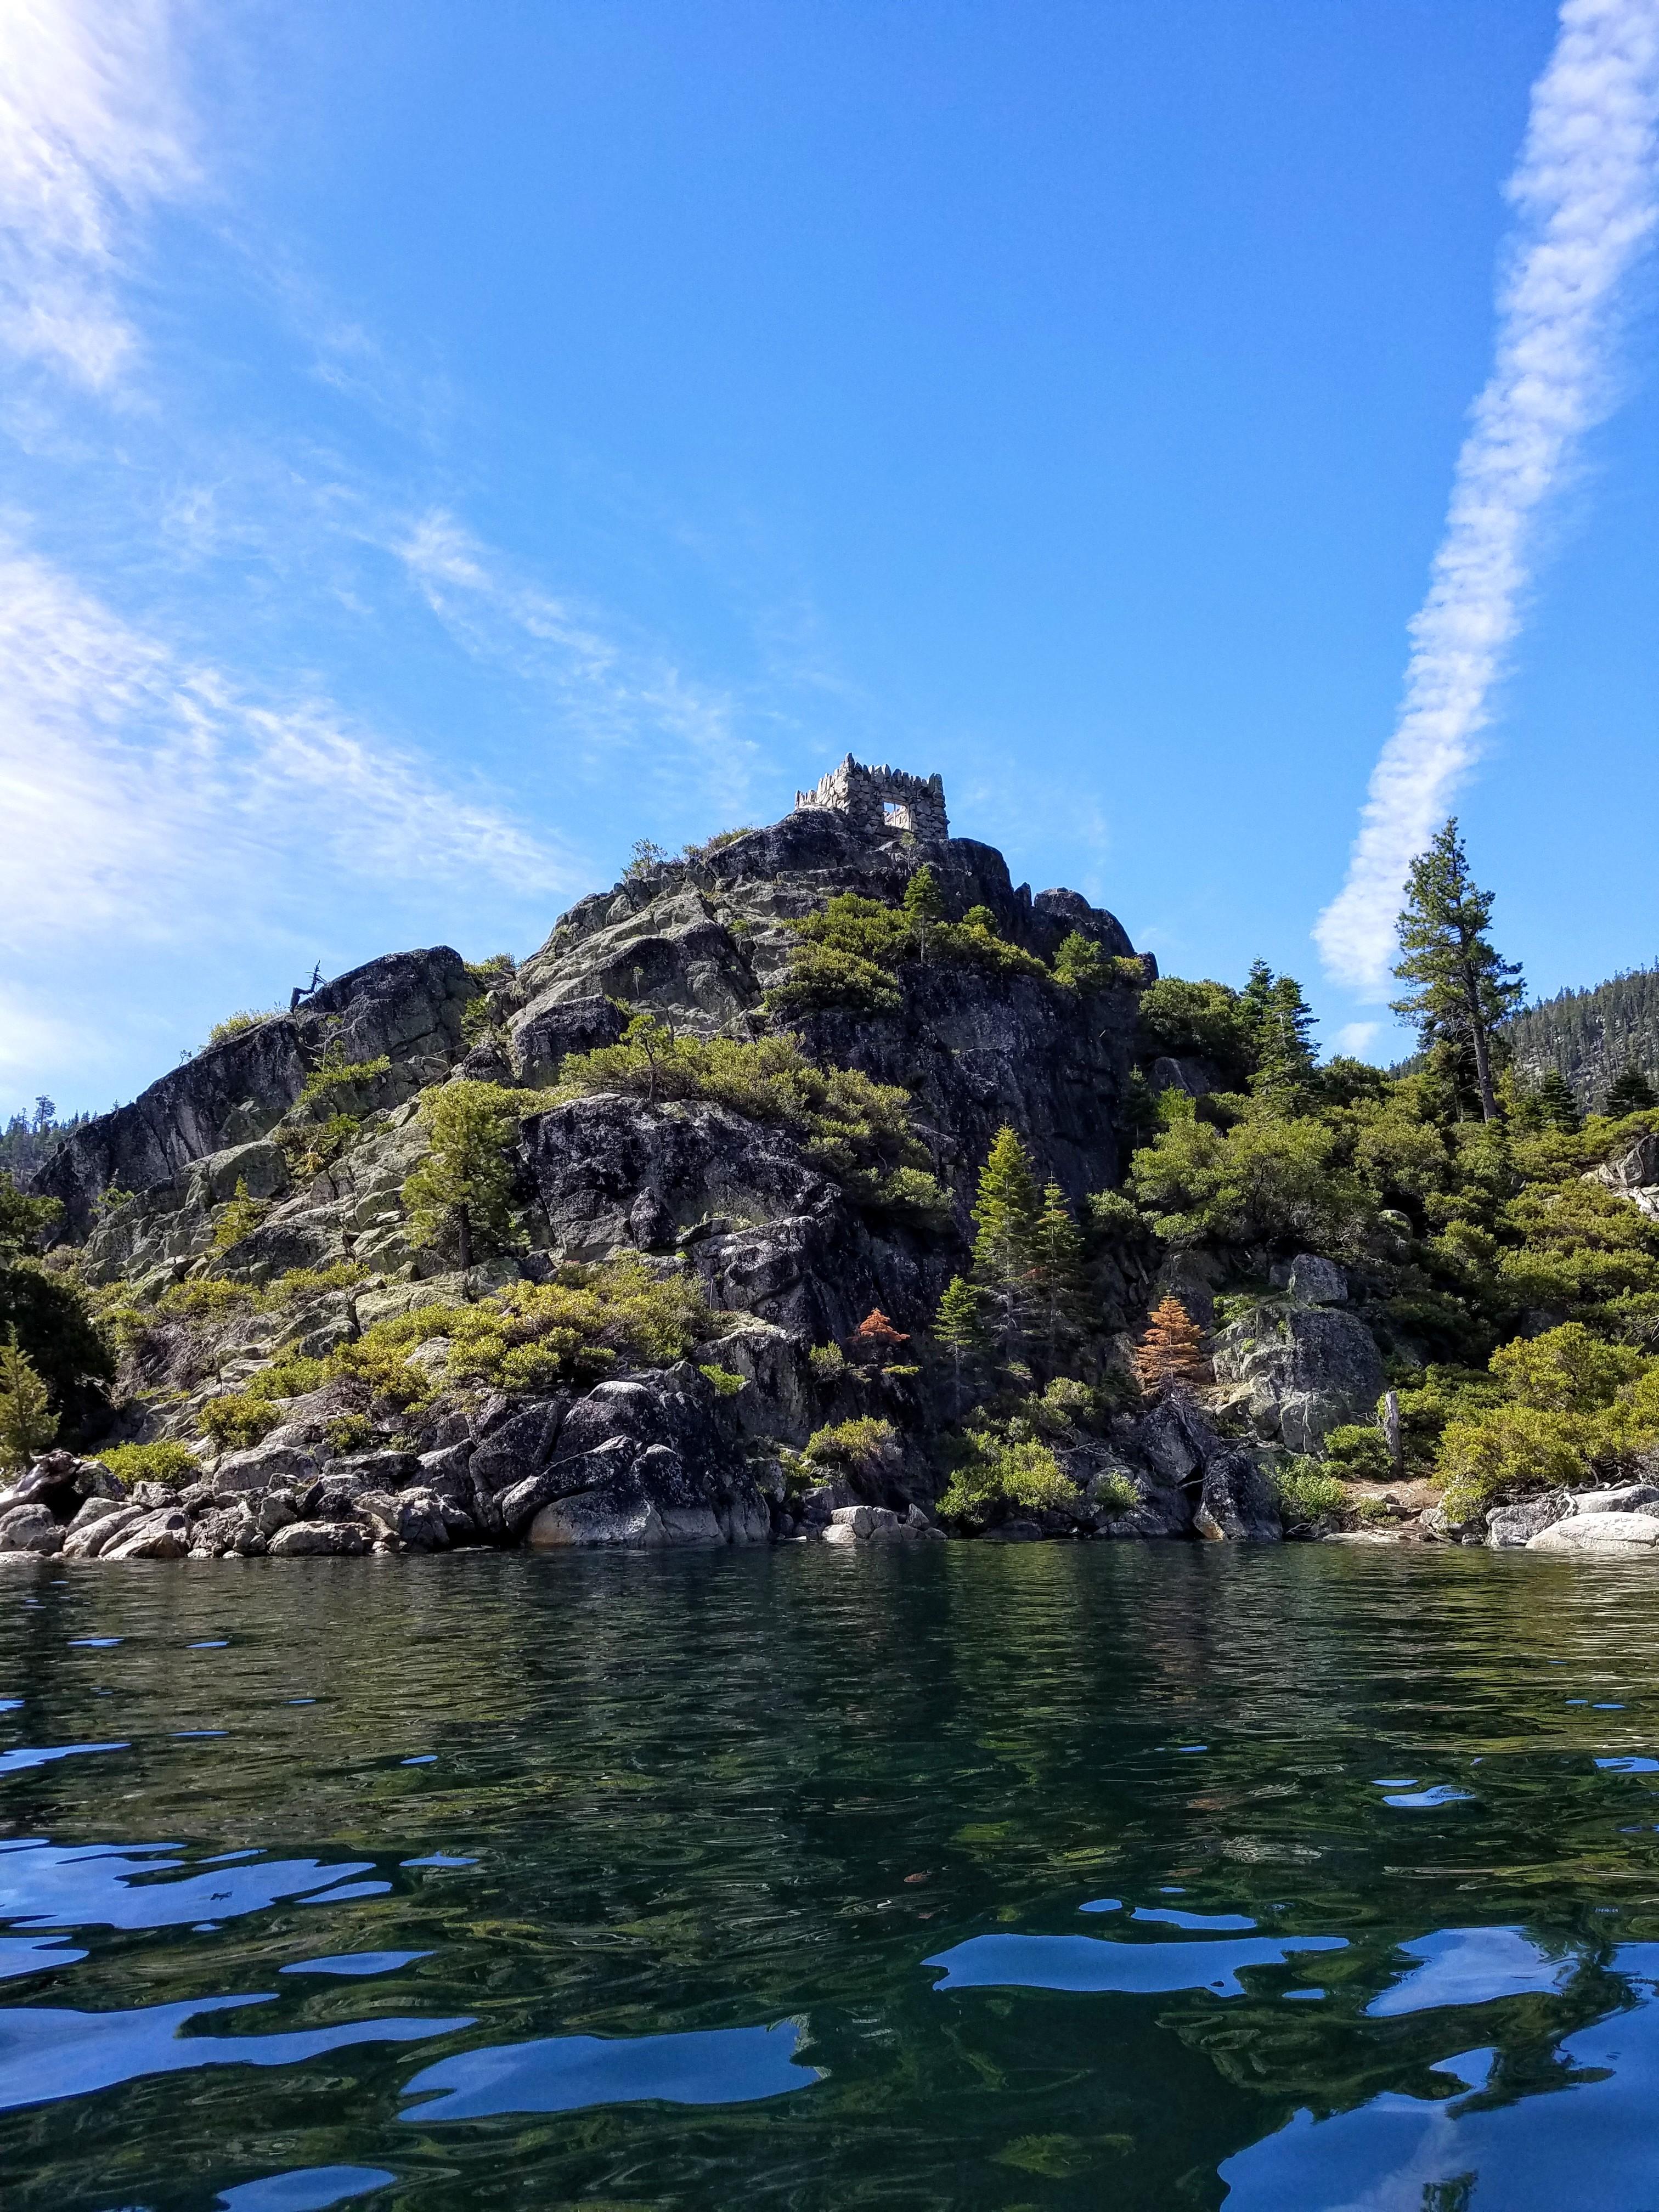 Fannette Island Tahoe